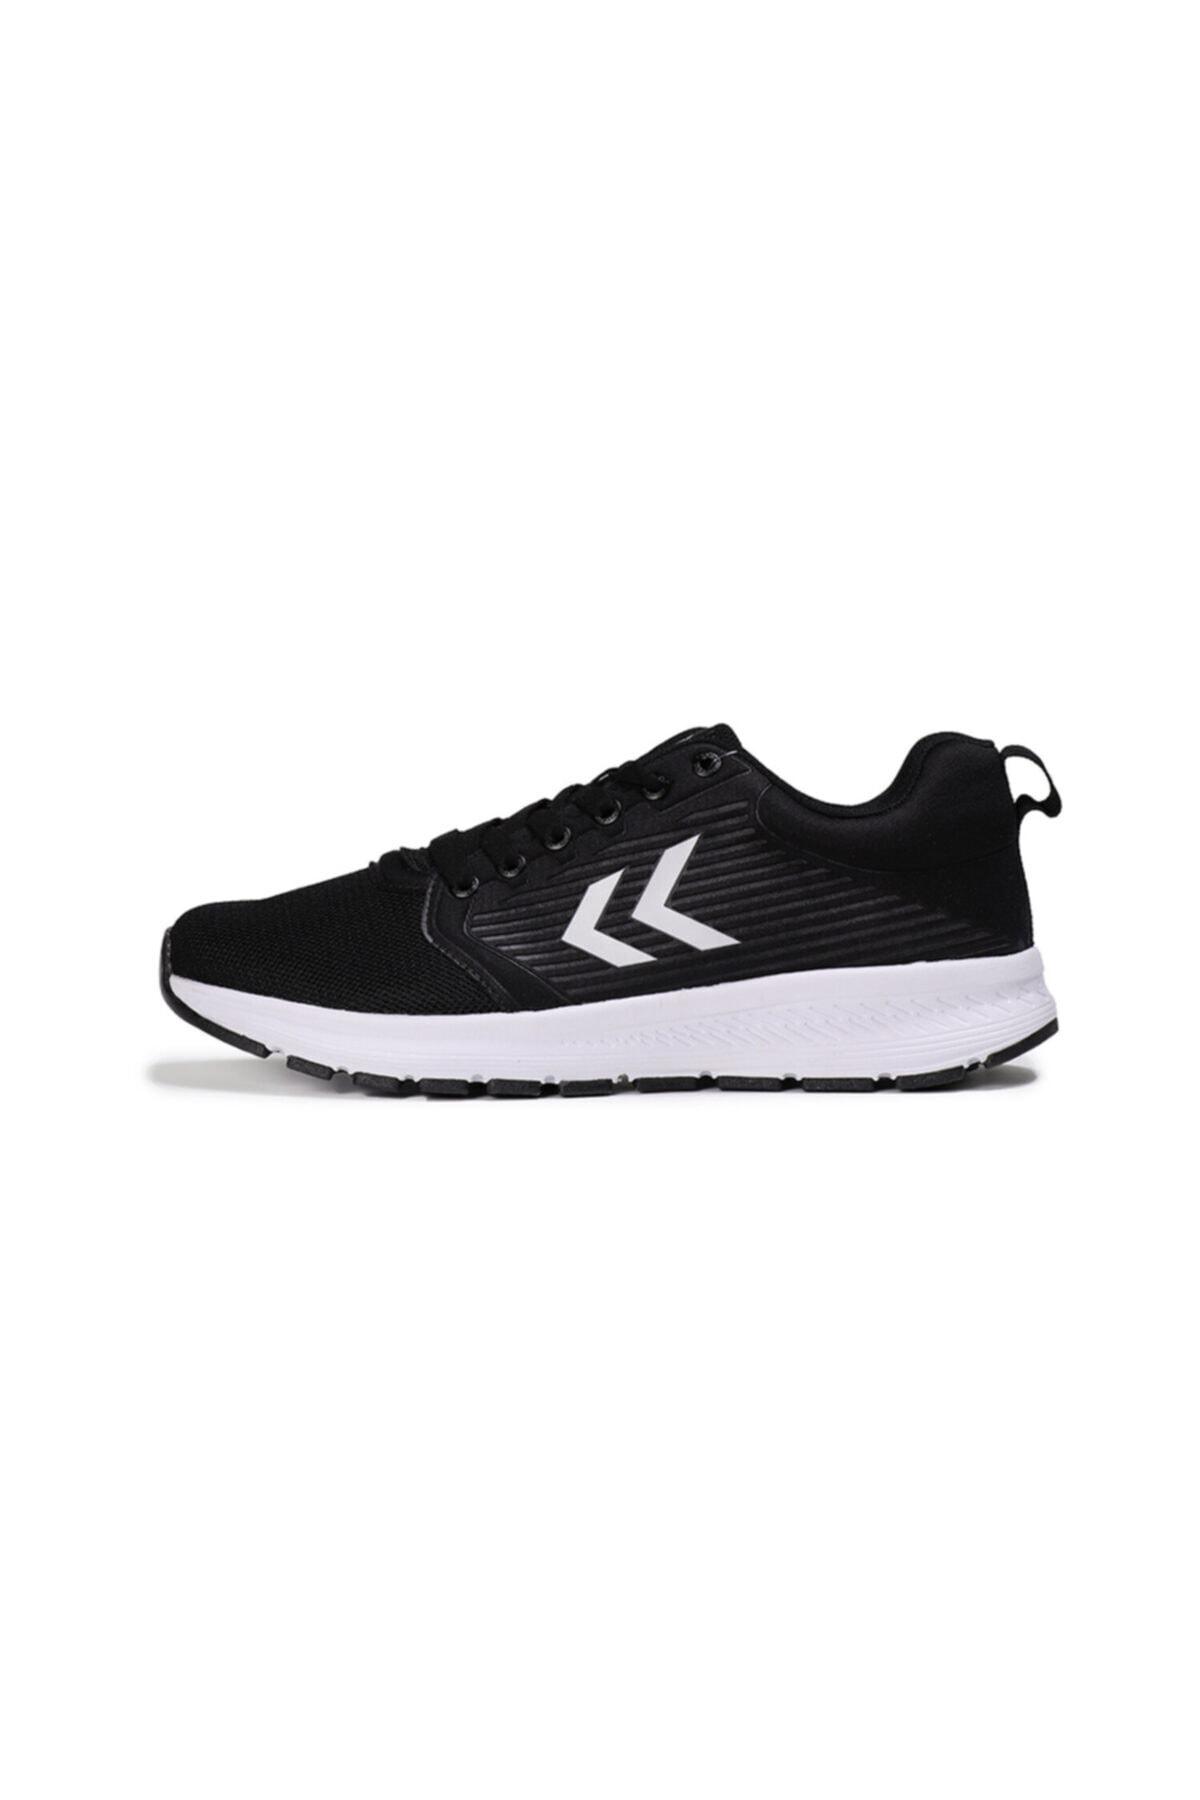 HUMMEL POWER PLAY MULTI-2 Siyah Erkek Koşu Ayakkabısı 100549502 1